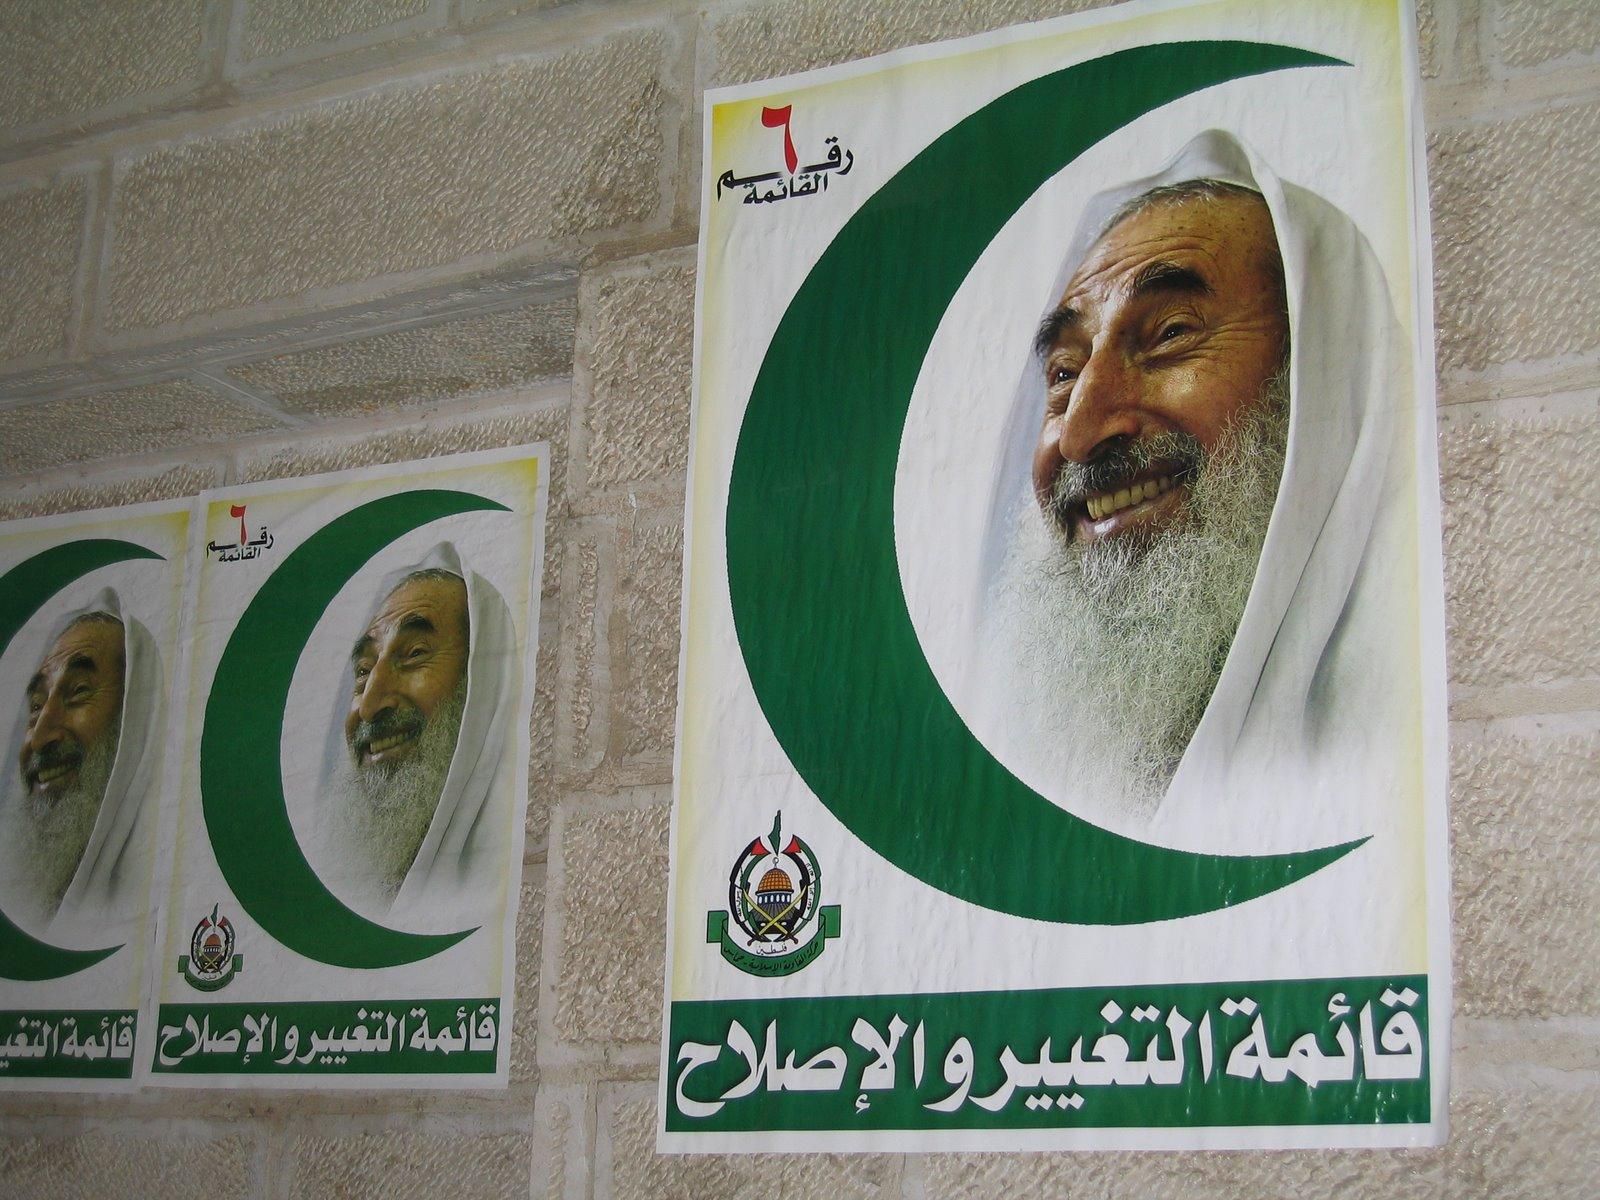 Le BNVCA demande au Préfet de Police de Paris d'interdire le rassemblement du Collectif Cheik Yassin